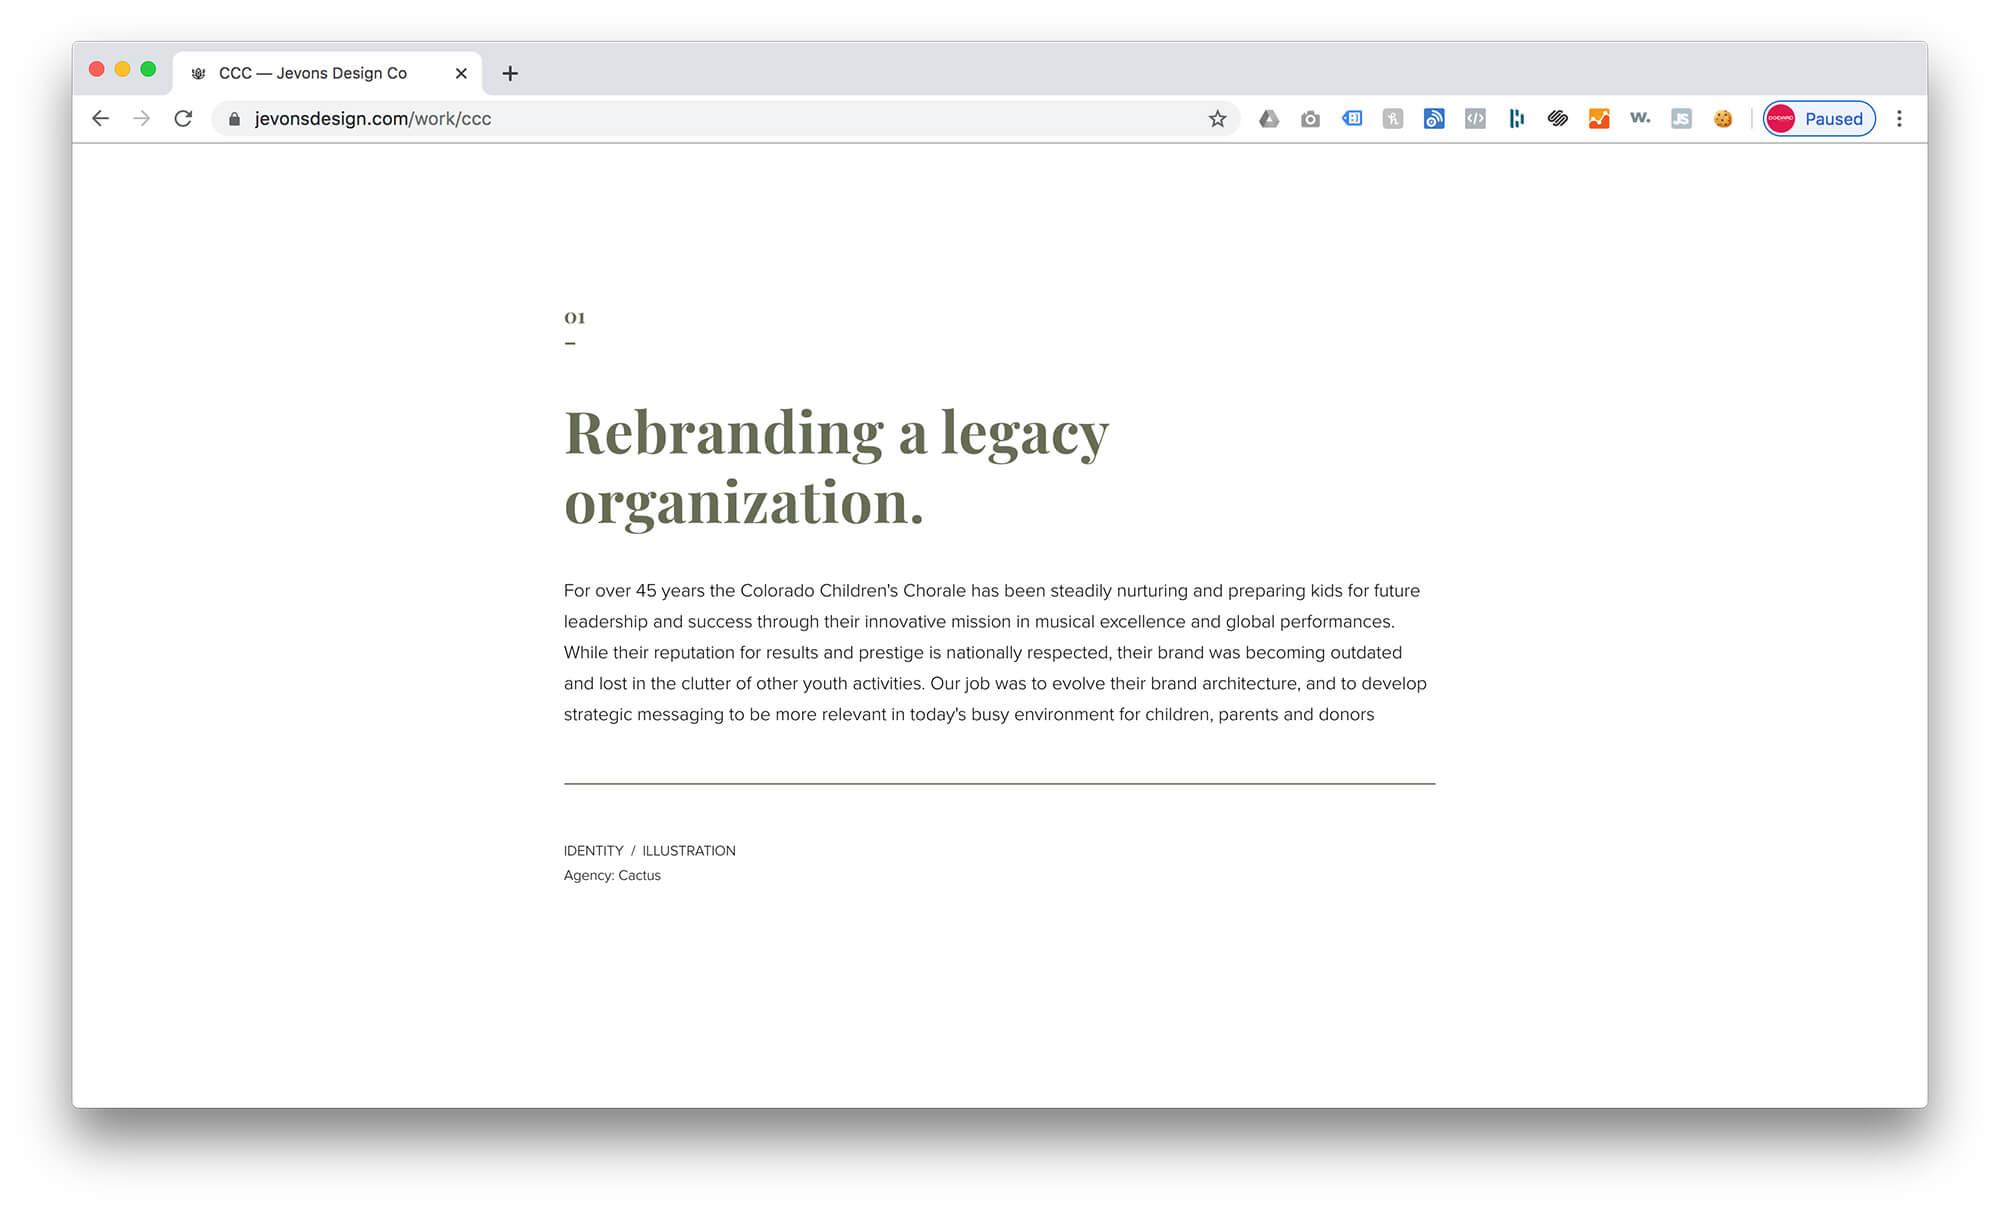 Joshua Jevons - Project description